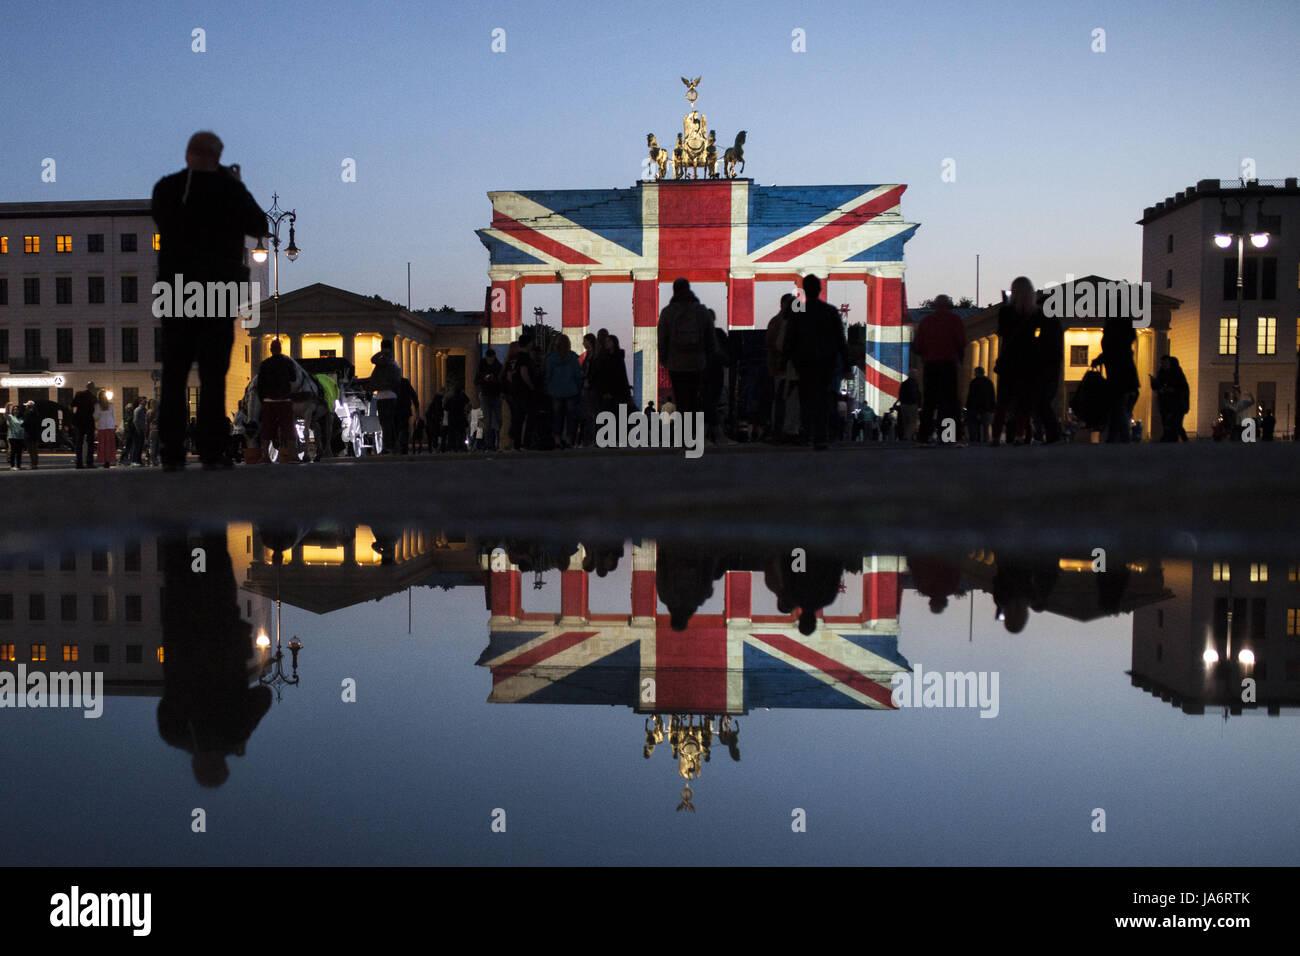 Berlin, Allemagne. 4 juin, 2017. La porte de Brandebourg est vu allumé dans les couleurs de la drapeau britannique, Photo Stock